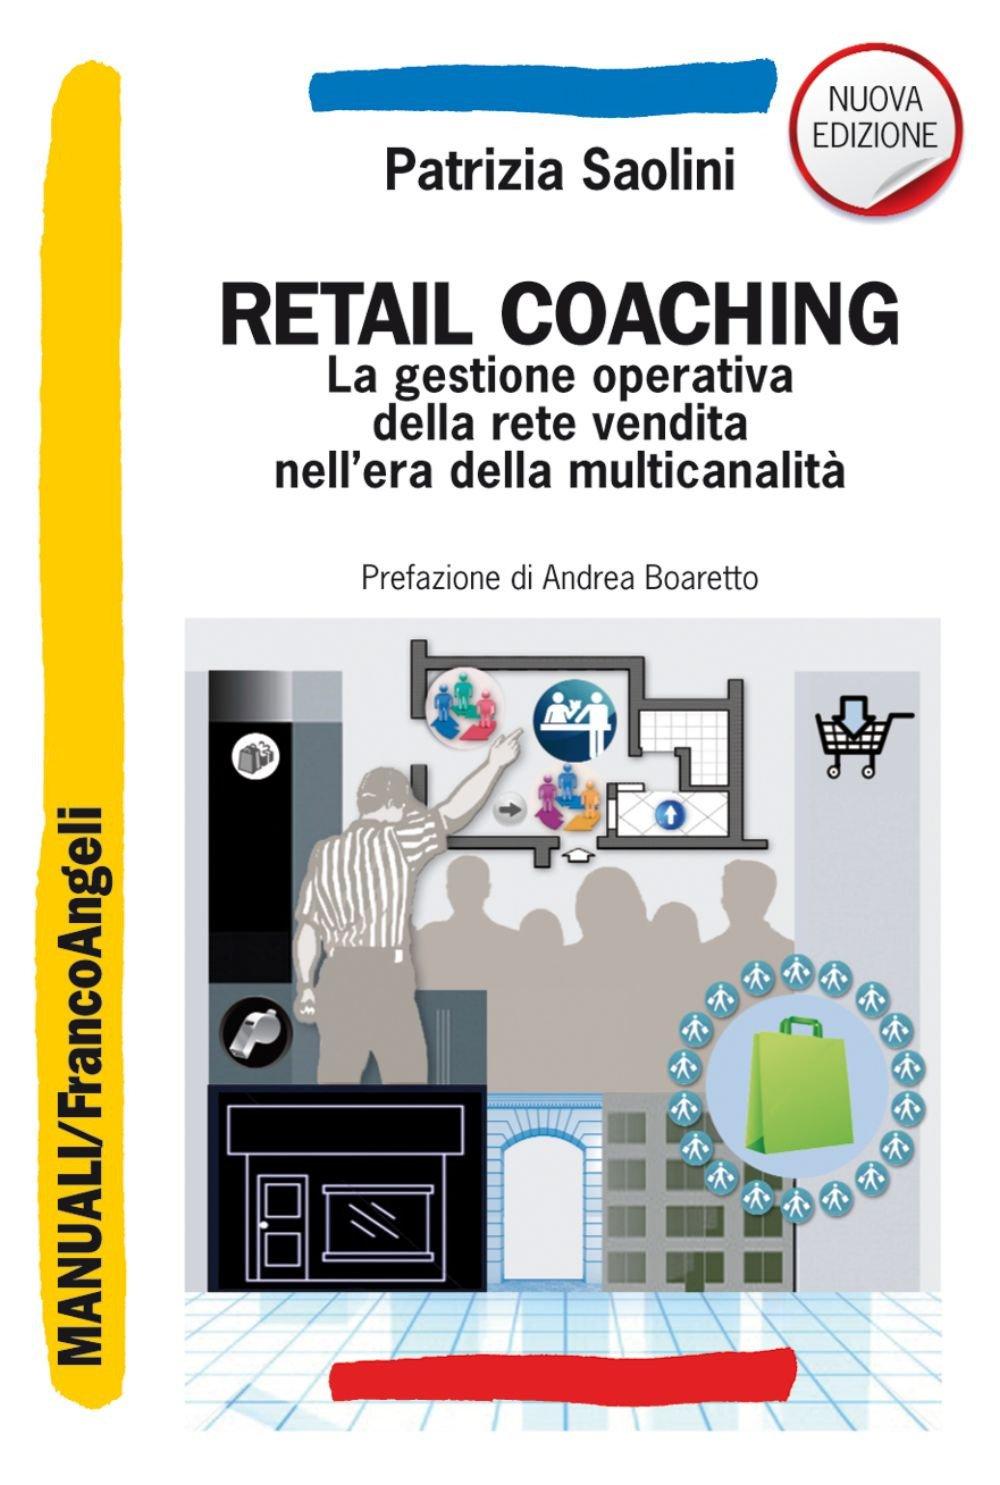 Retail coaching. La gestione operativa della rete vendita nell'era della multicanalità